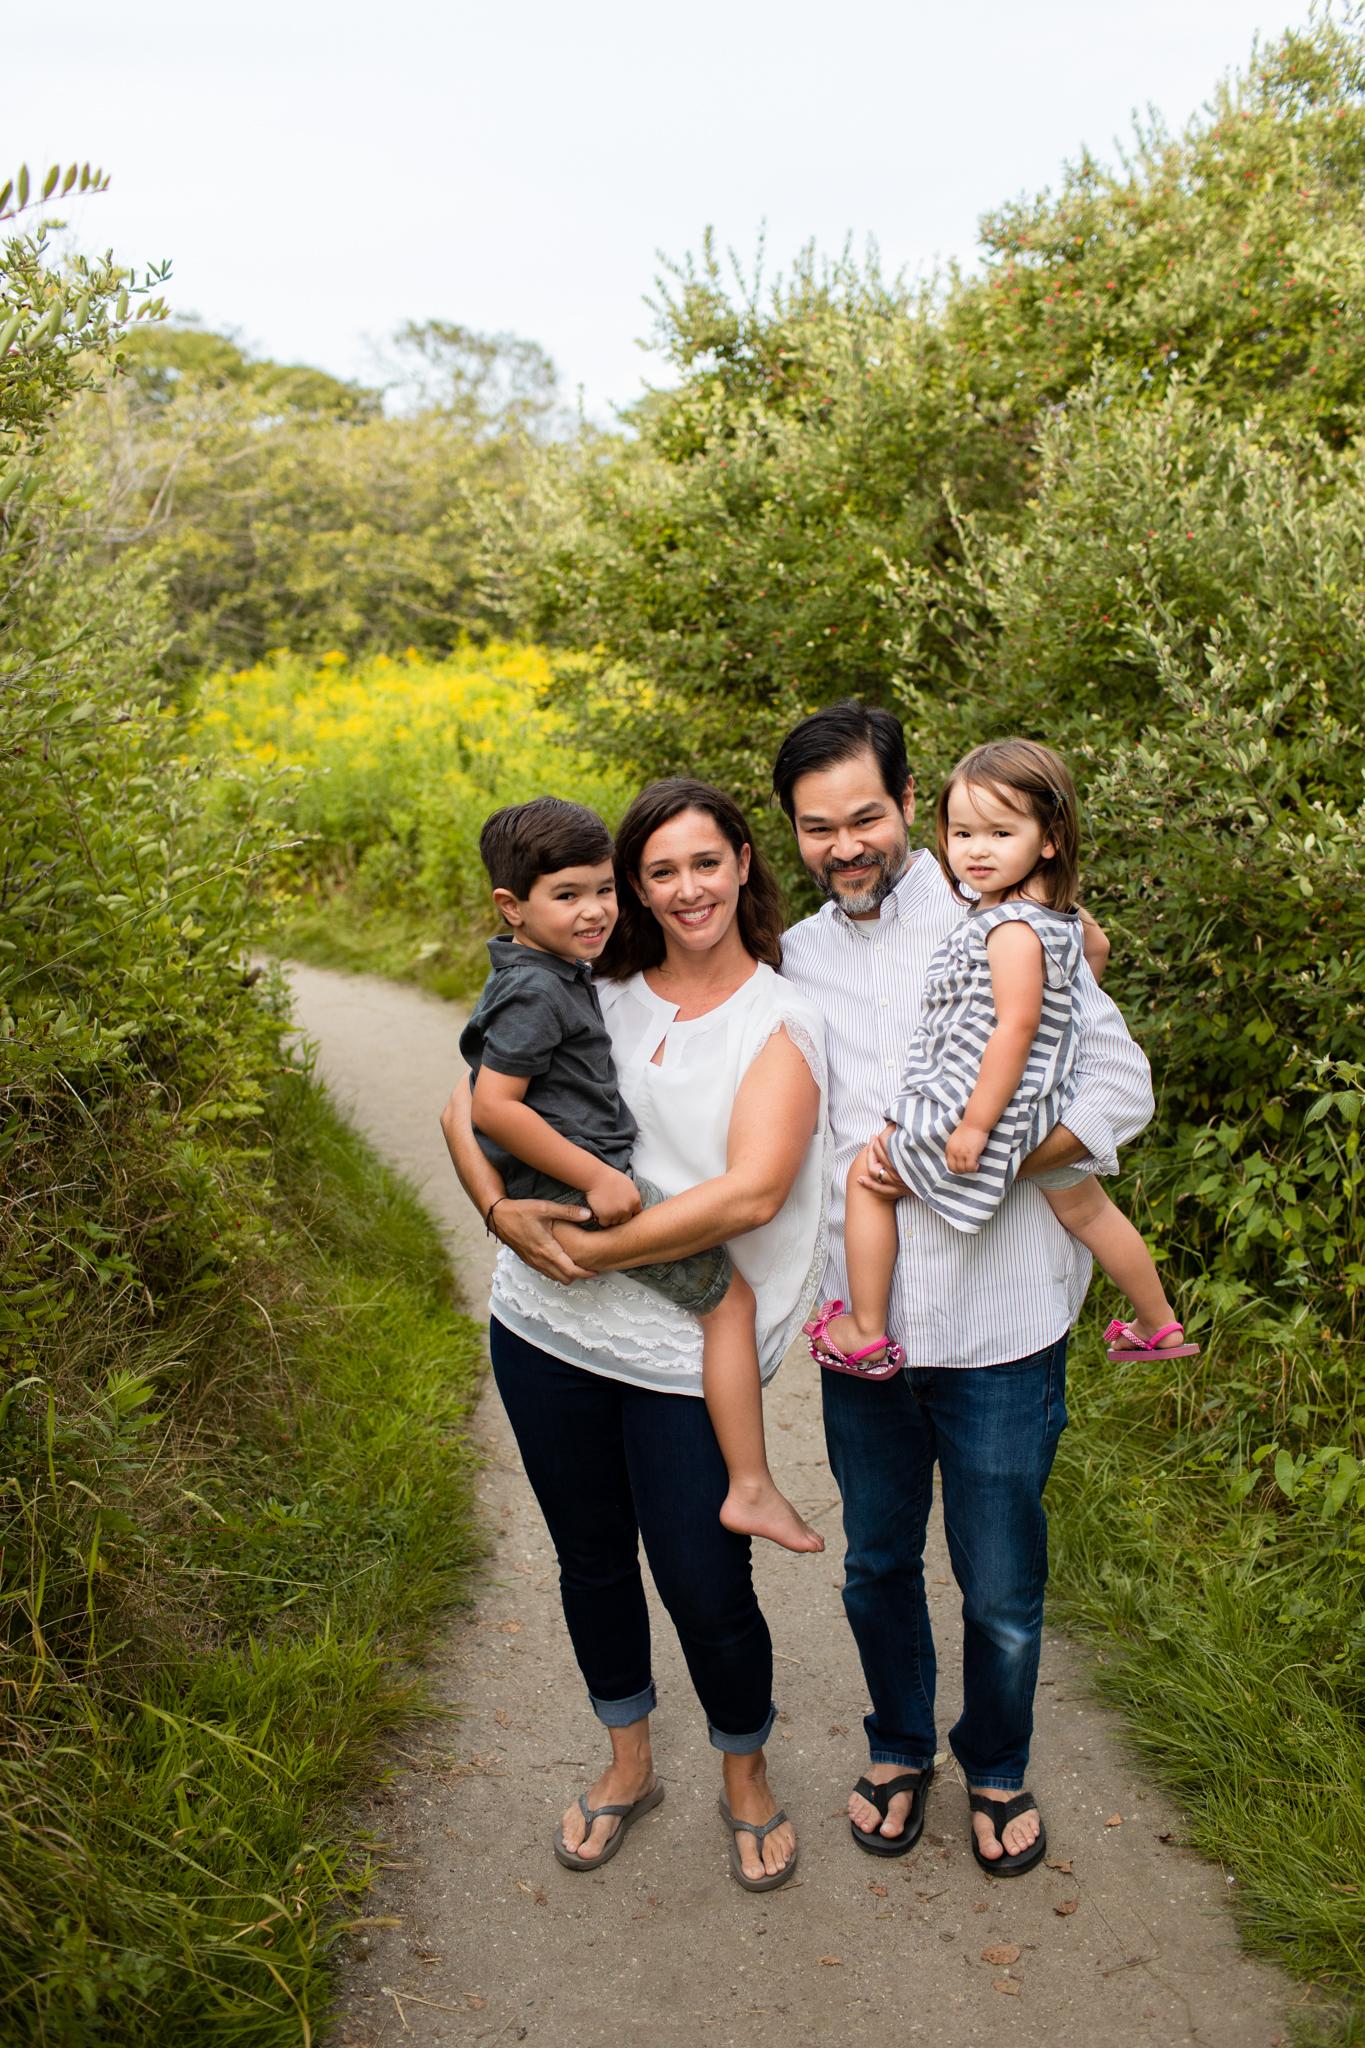 maine-family-photographer-beach-lifestyle -3.jpg